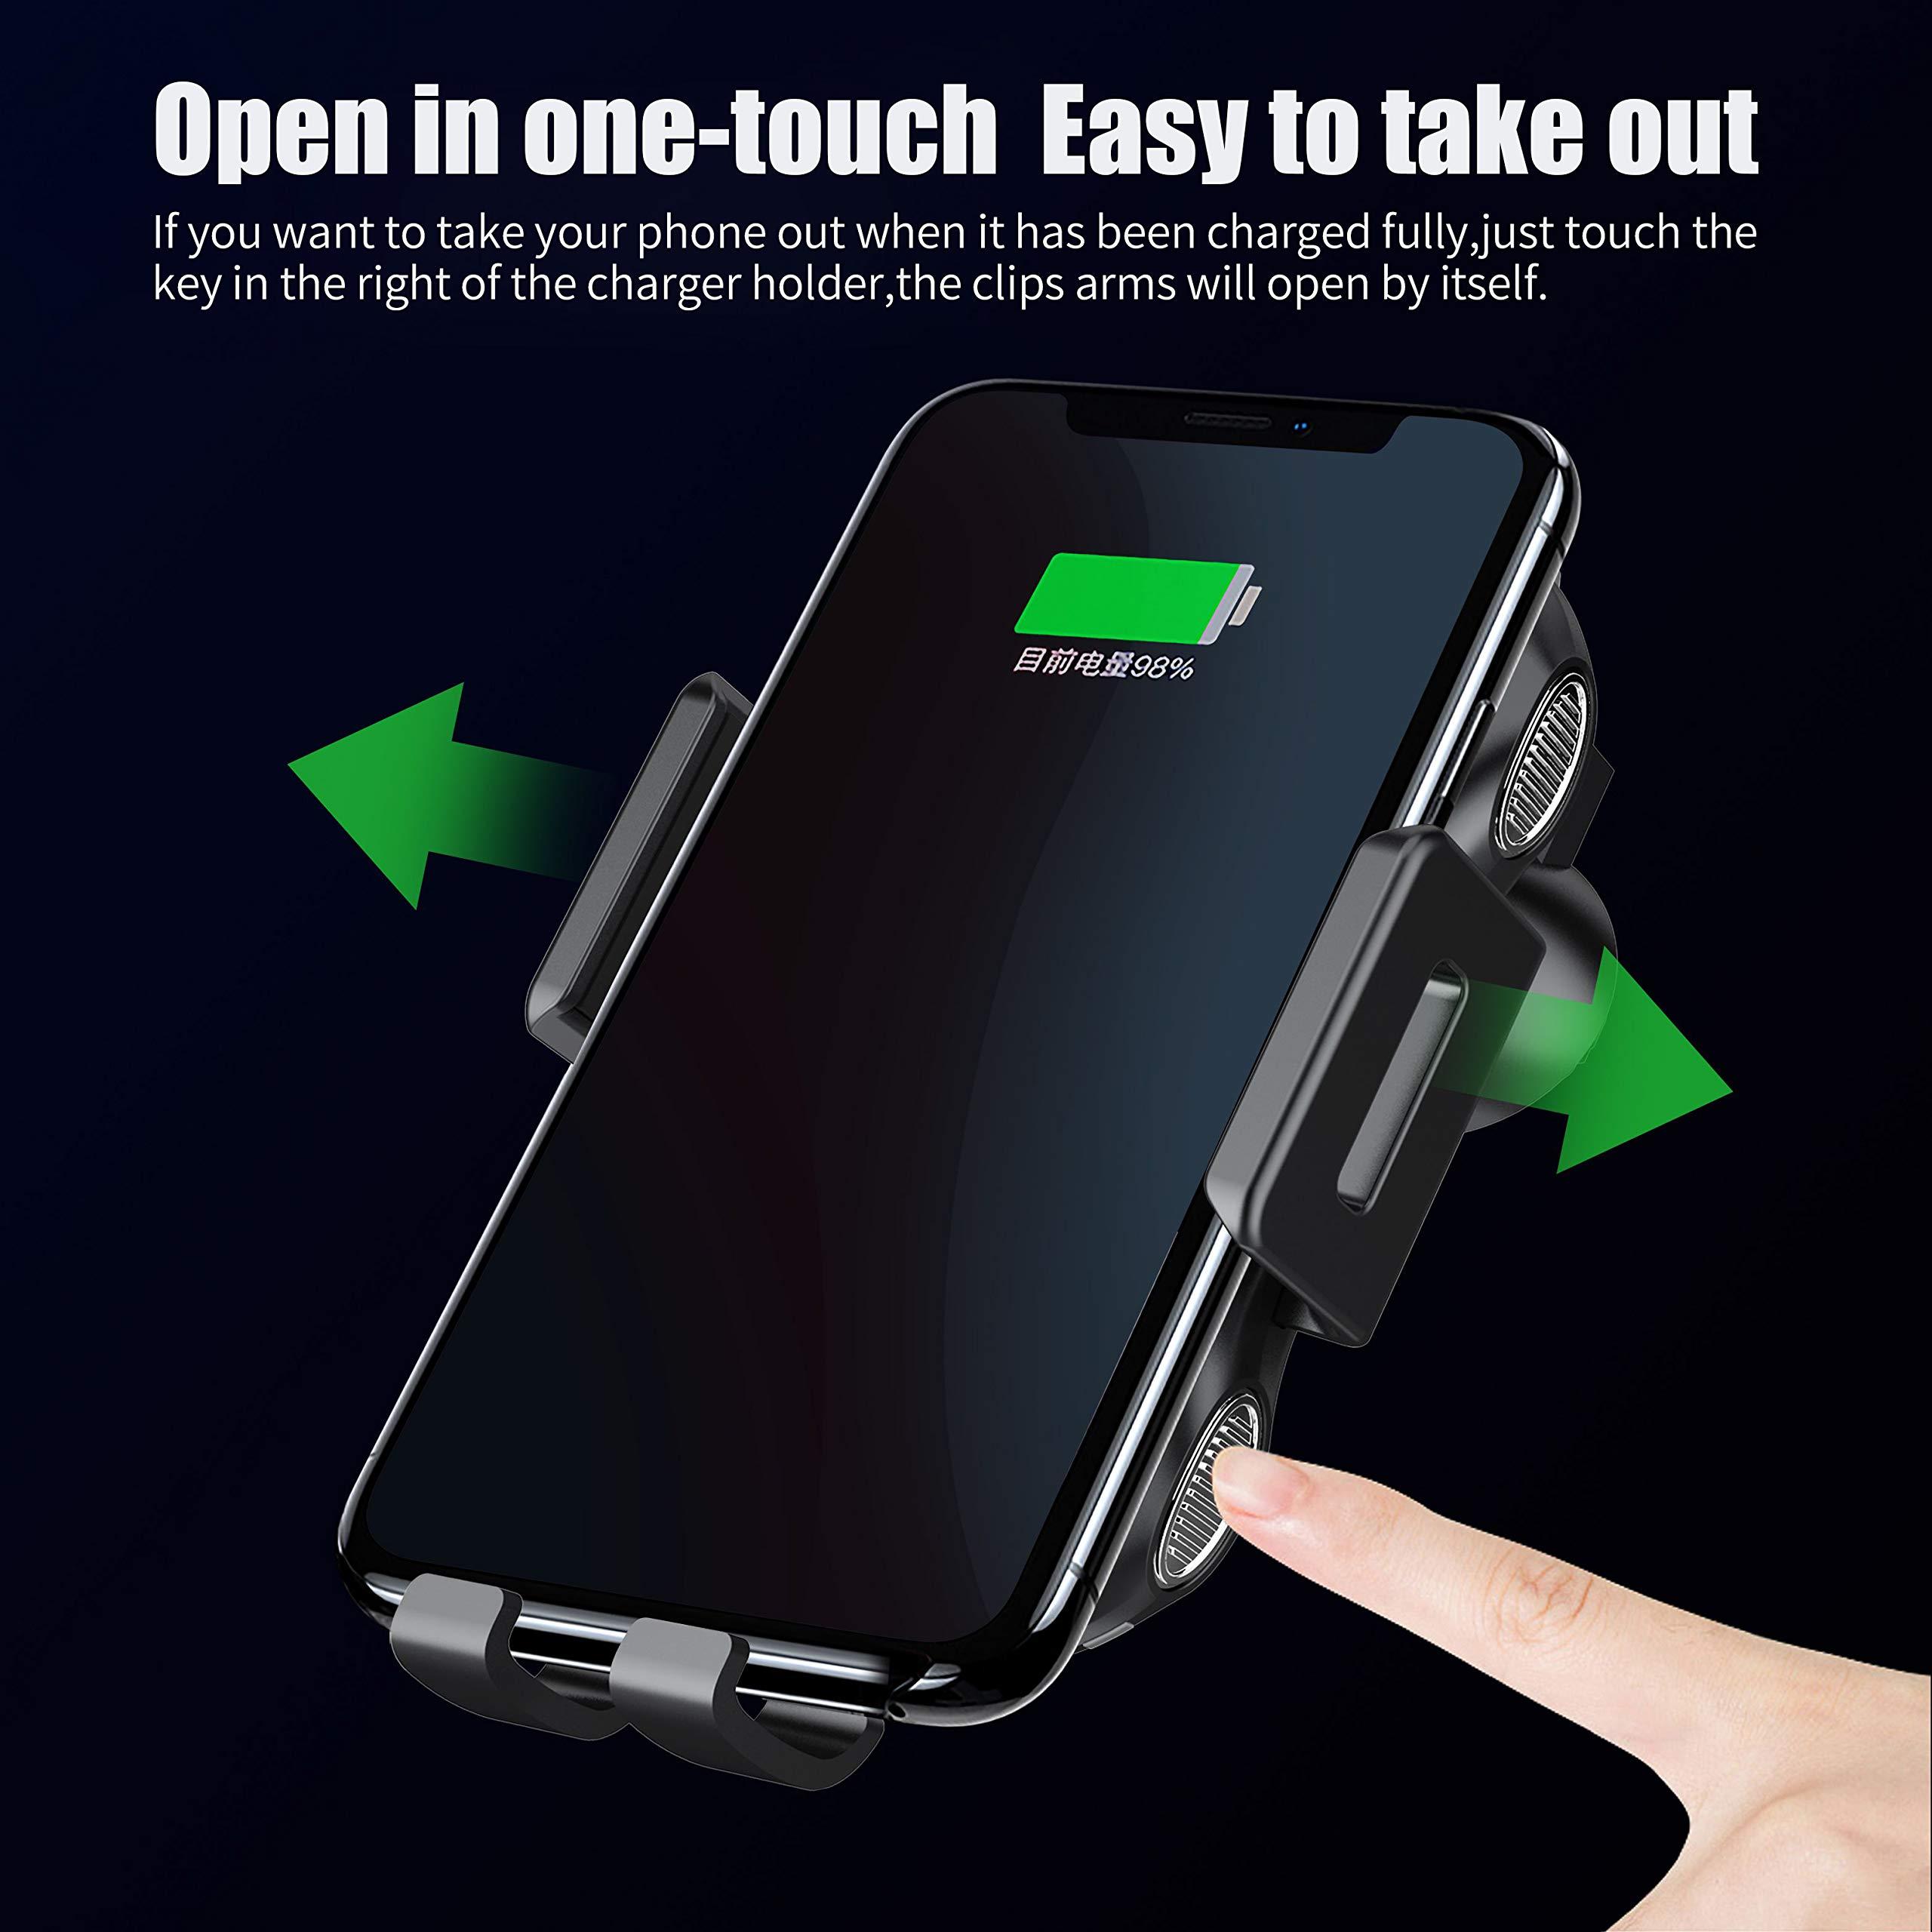 AILRINNI Chargeur sans Fil Rapide Voiture, Support Téléphone avec Position d\'Induction Réglable, 10W Qi Chargeur Auto Support pour iPhone XS/XS Max/XR/X/8P/8, Samsung Galaxy S10/Note 9/S9 etc